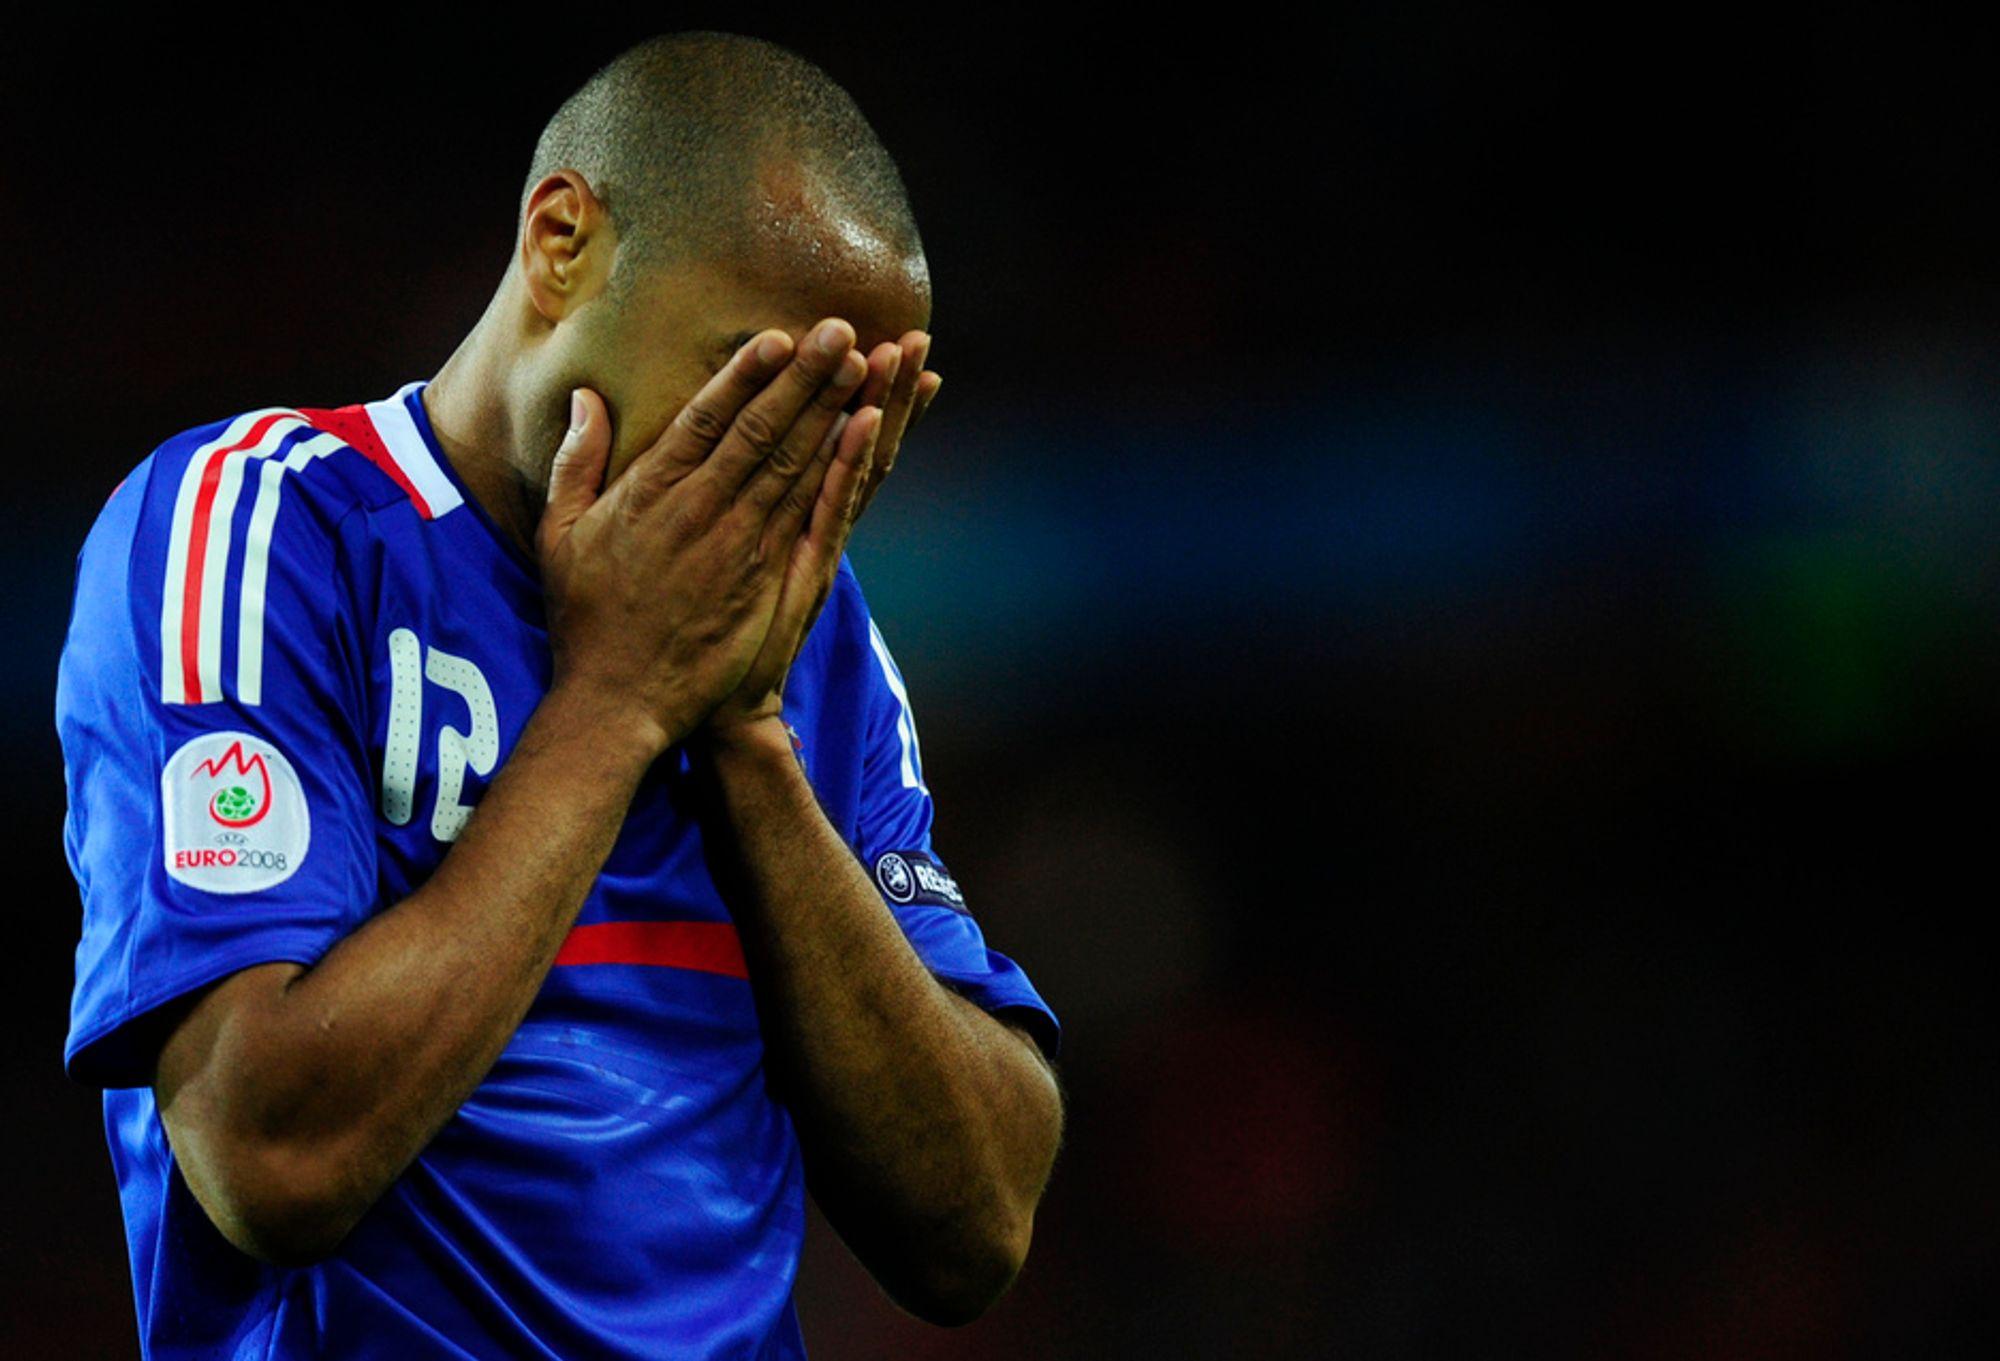 SYND OG SKAM: Thierry Henry, idet han gir uttrykk for det mange av oss frankofile følte i går. HD-bilder gnir elendigheten ekstra godt inn.